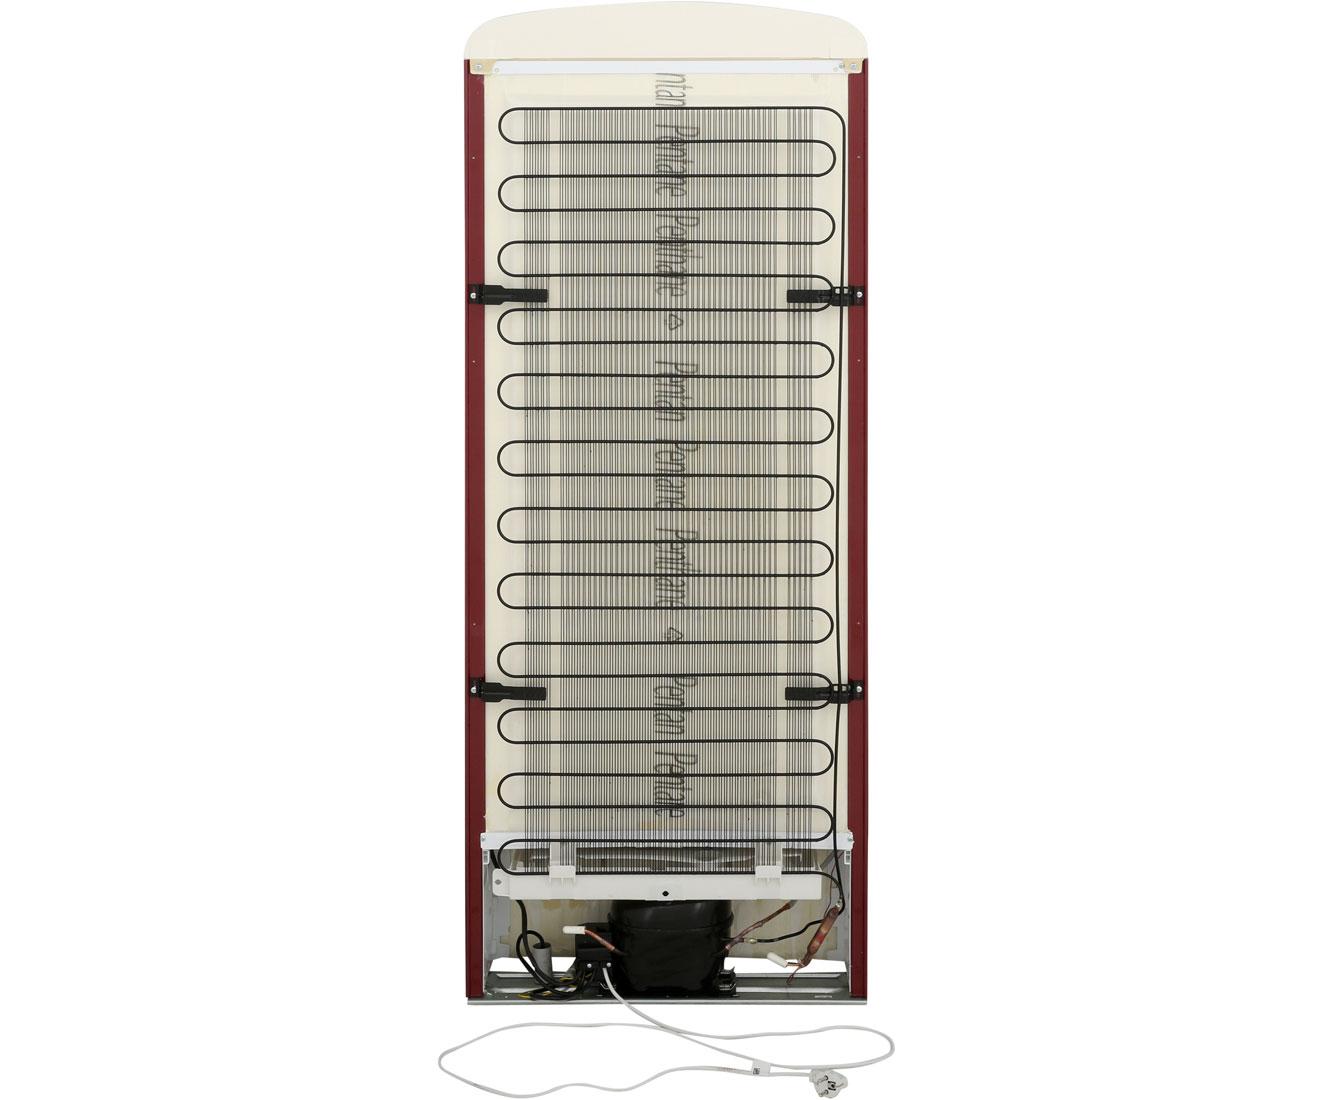 Gorenje Kühlschrank Vw Bulli Kaufen : Ifa gorenje